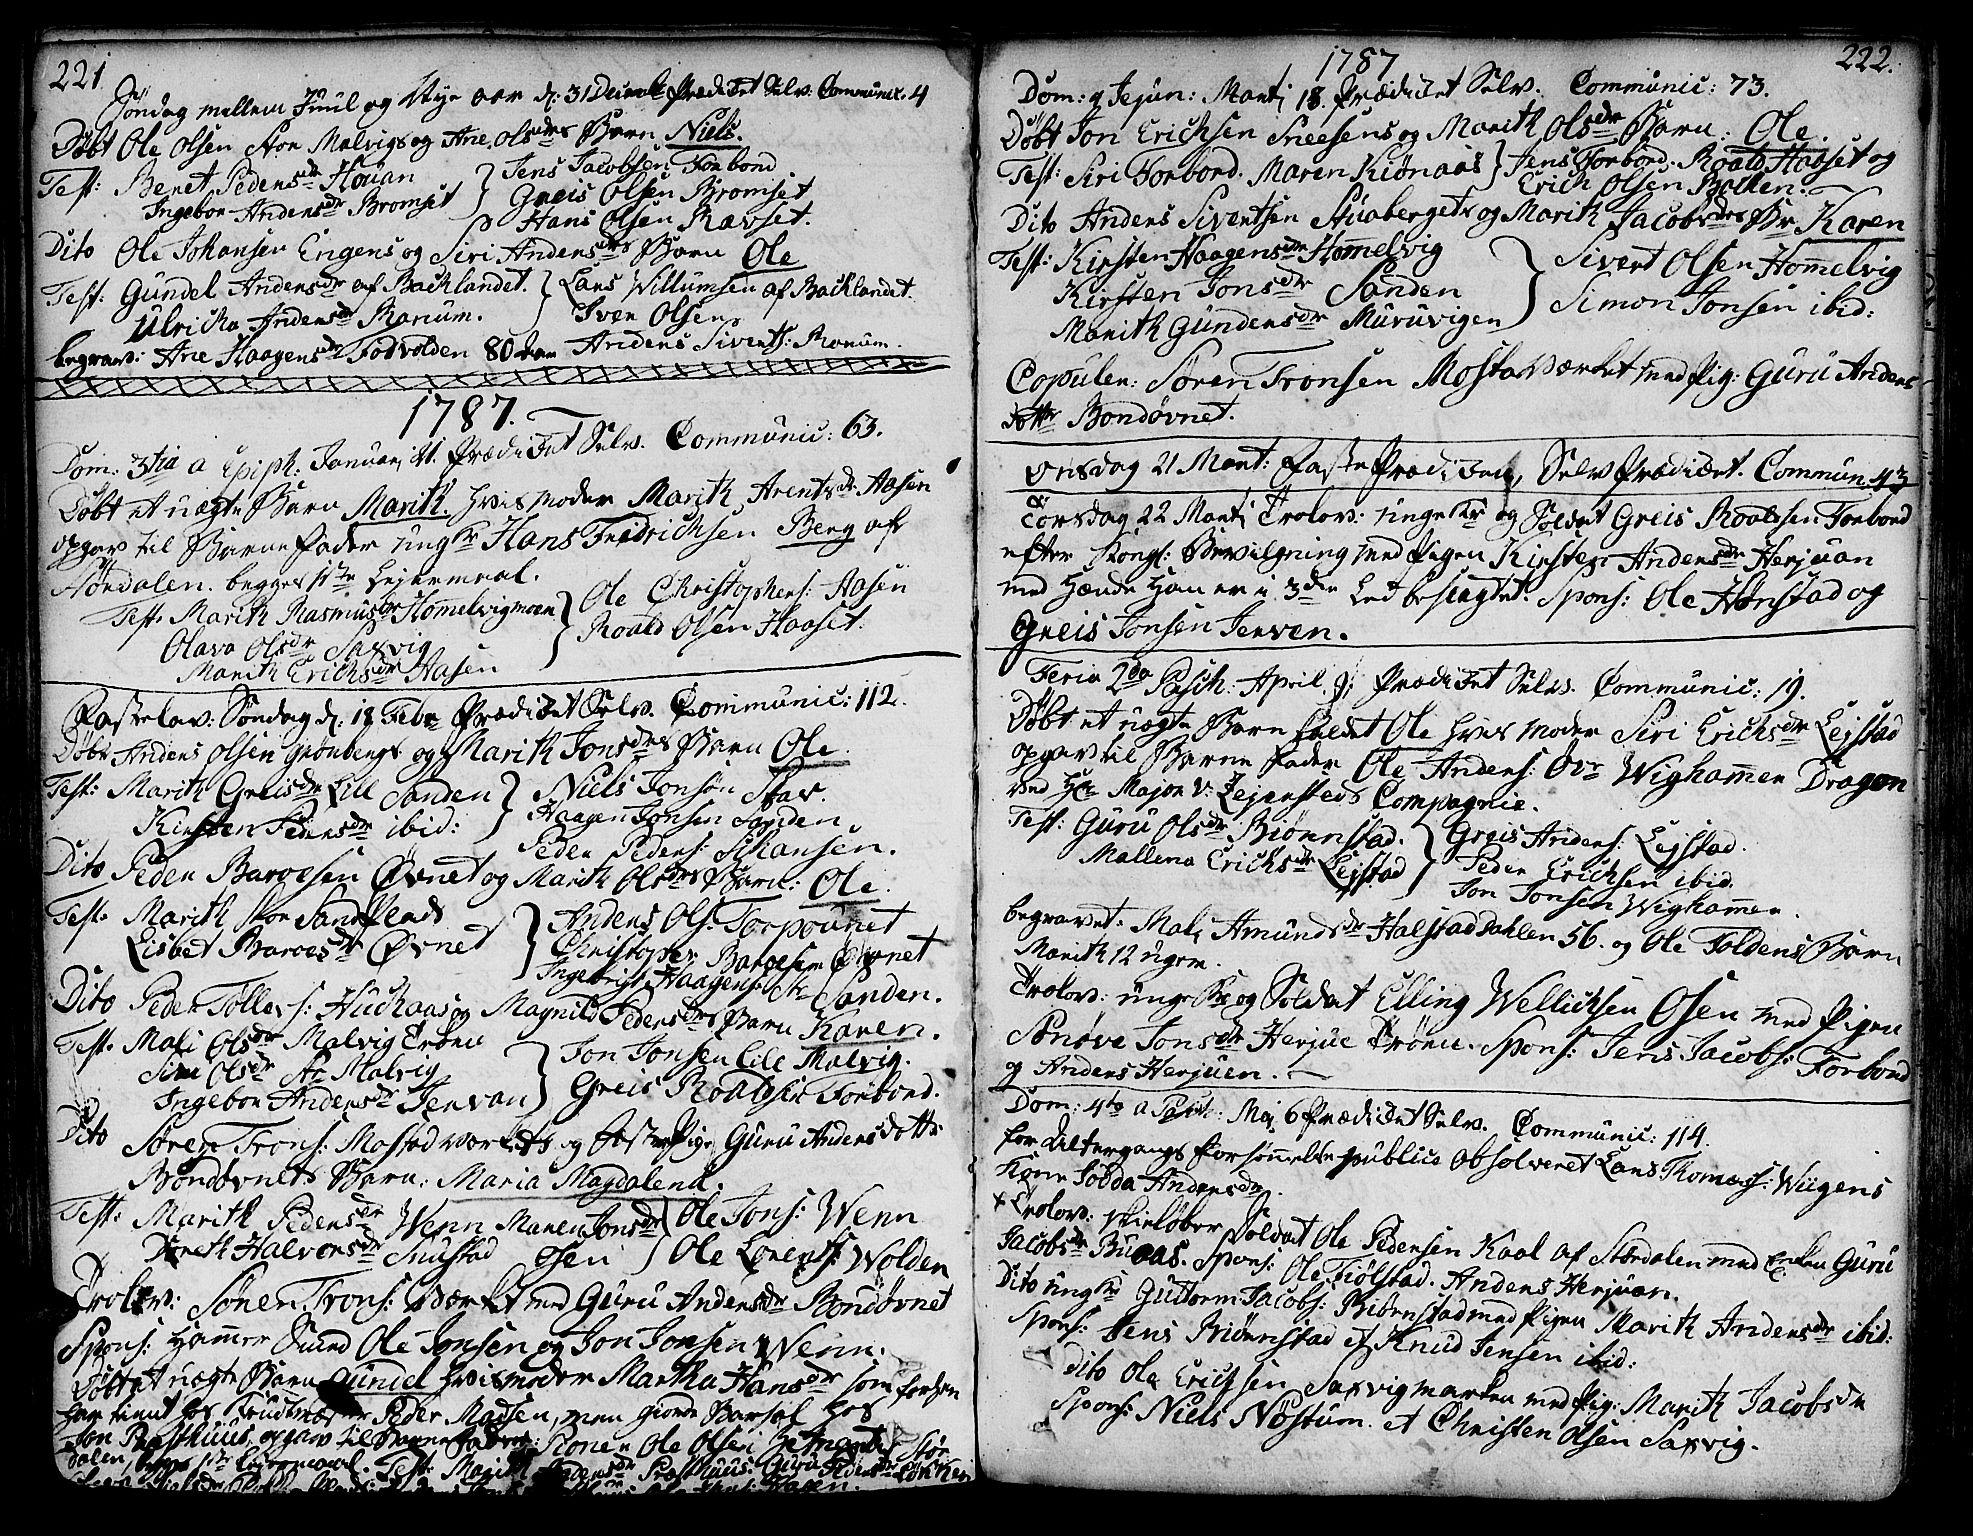 SAT, Ministerialprotokoller, klokkerbøker og fødselsregistre - Sør-Trøndelag, 606/L0281: Ministerialbok nr. 606A02 /2, 1781-1817, s. 221-222